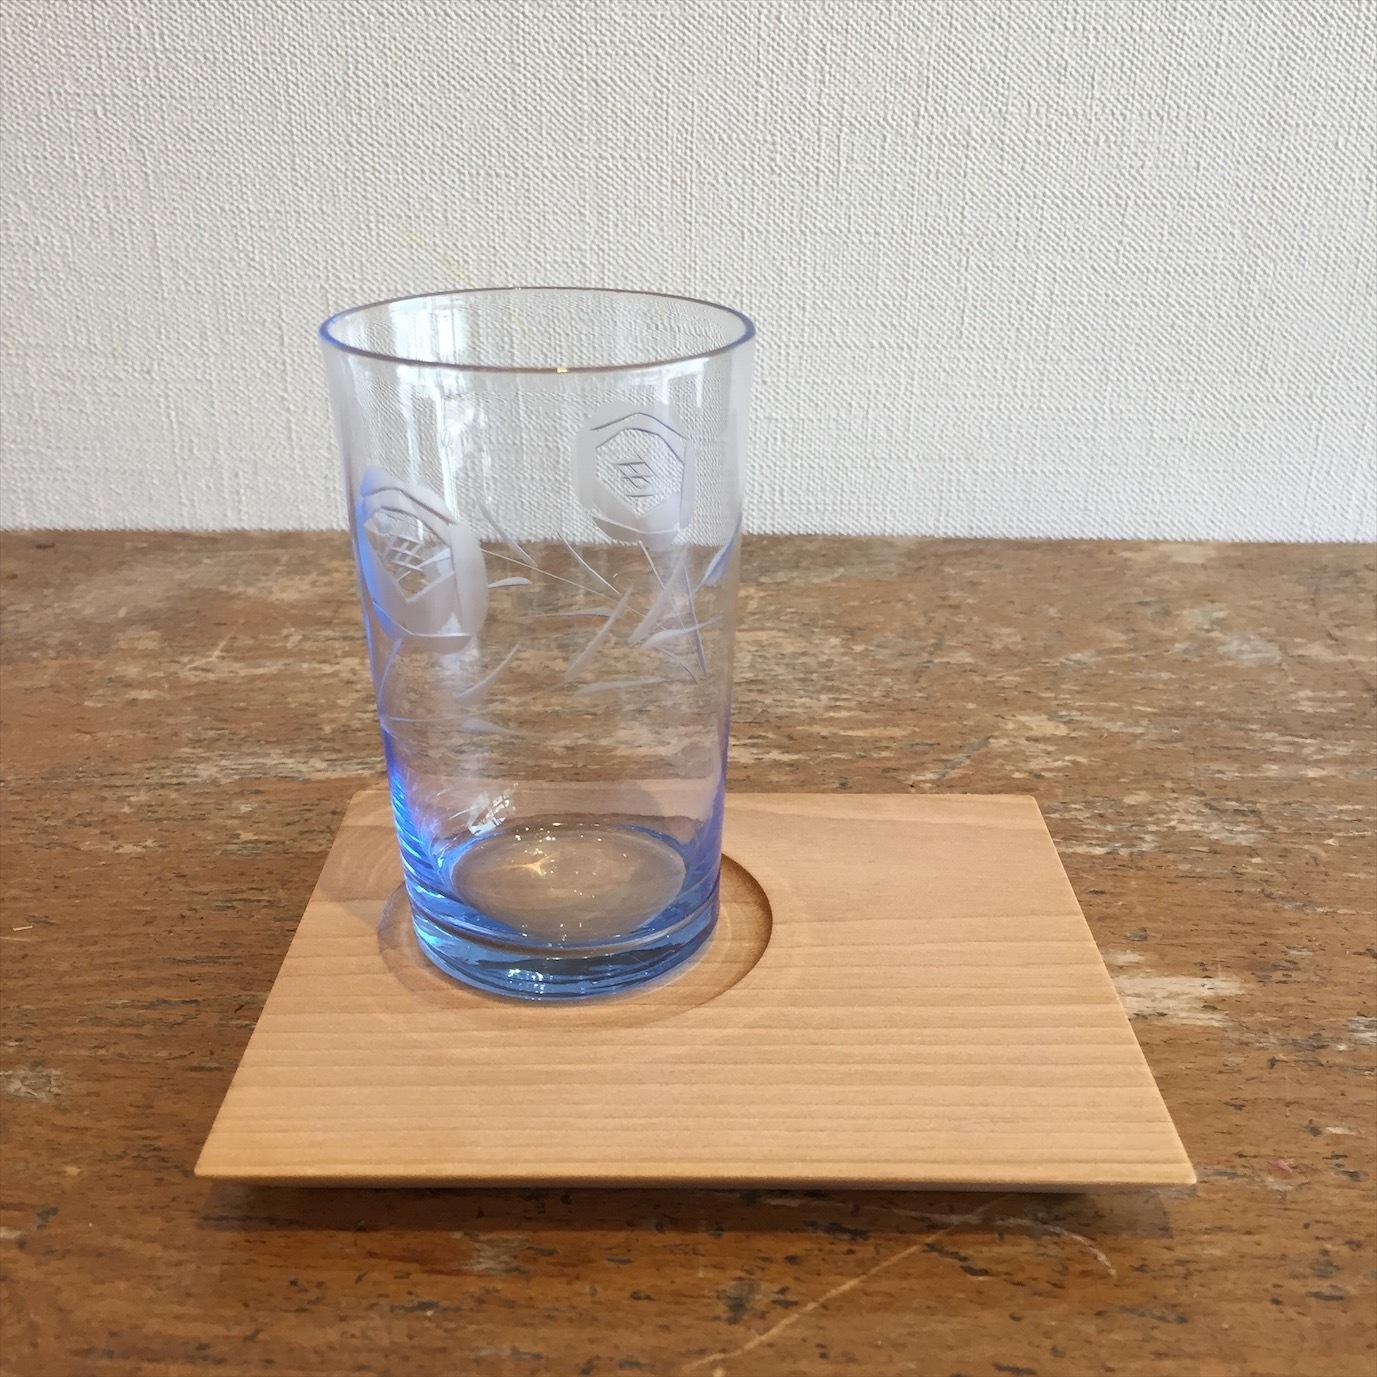 青い切子グラス